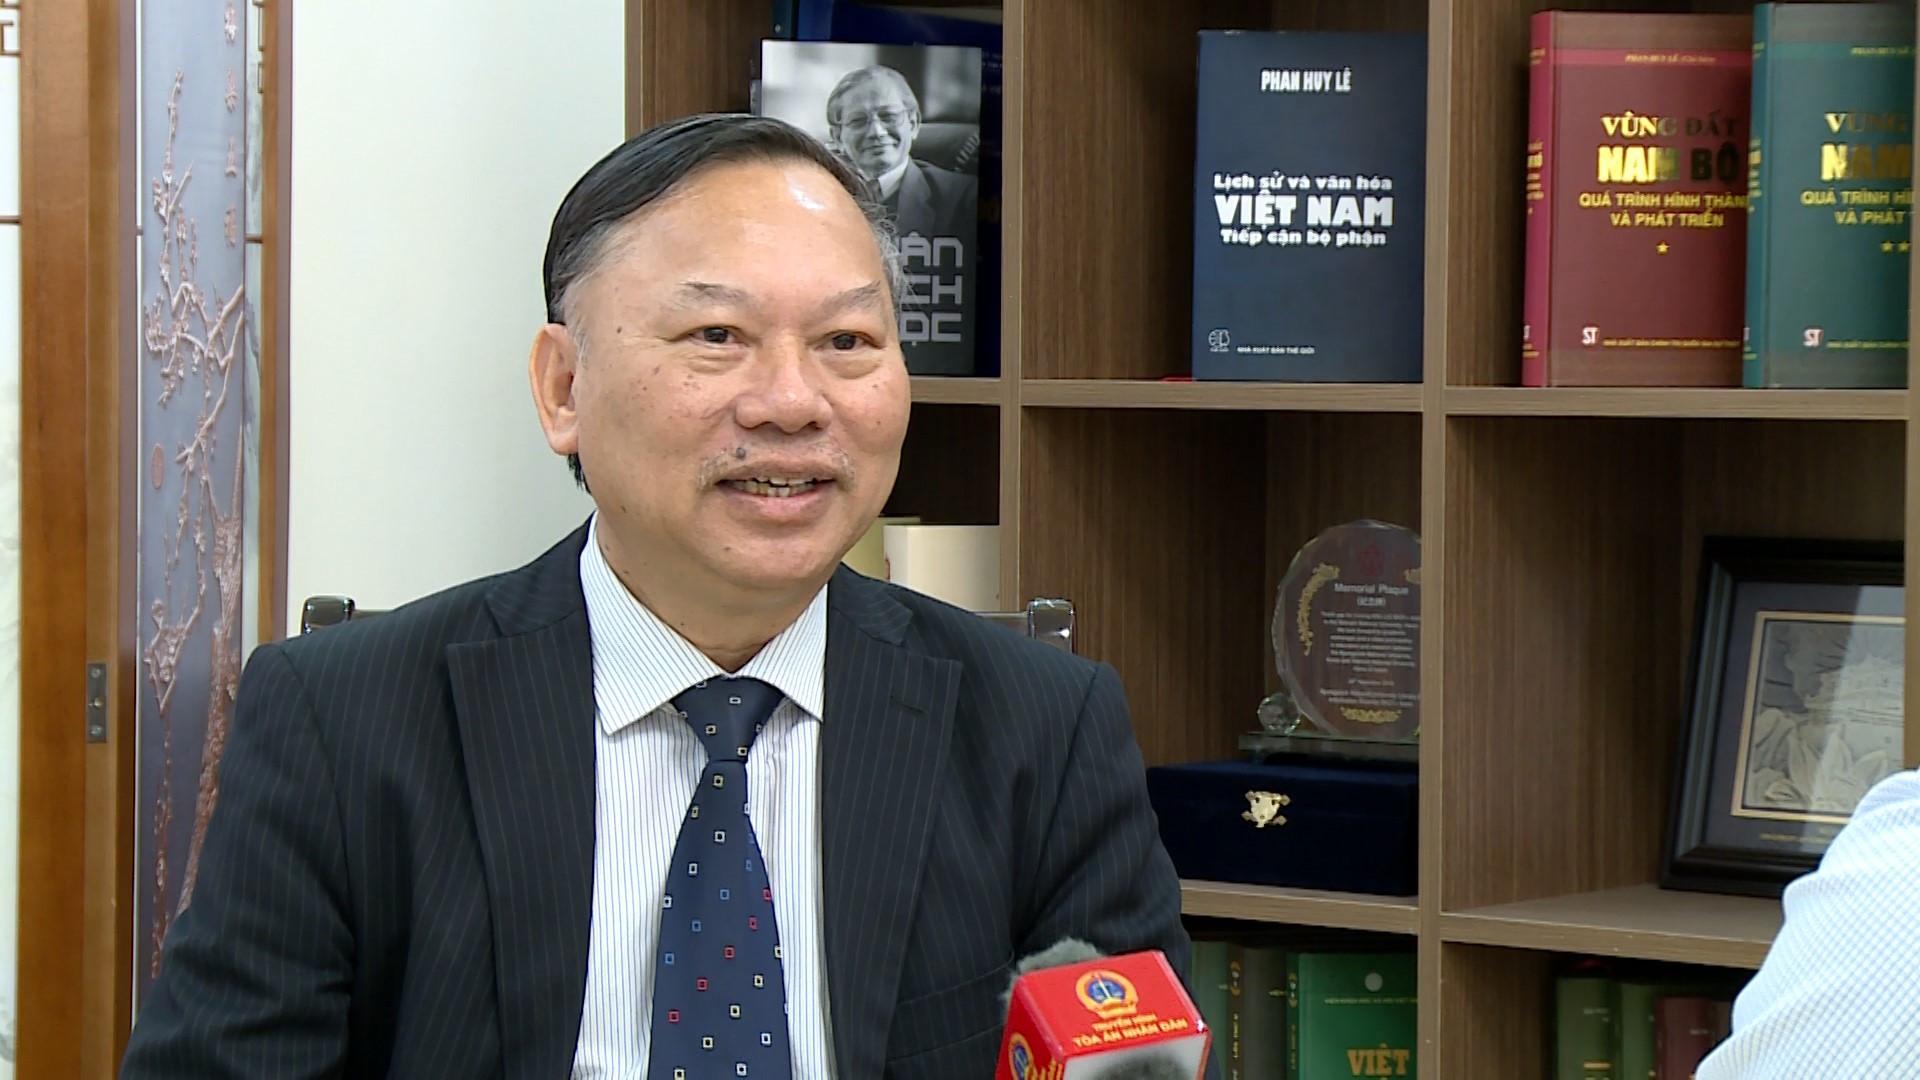 82,5% ý kiến lựa chọn Vua Lý Thái Tông là nhân vật tiêu biểu trong hoạt động xét xử của Tòa án Việt Nam